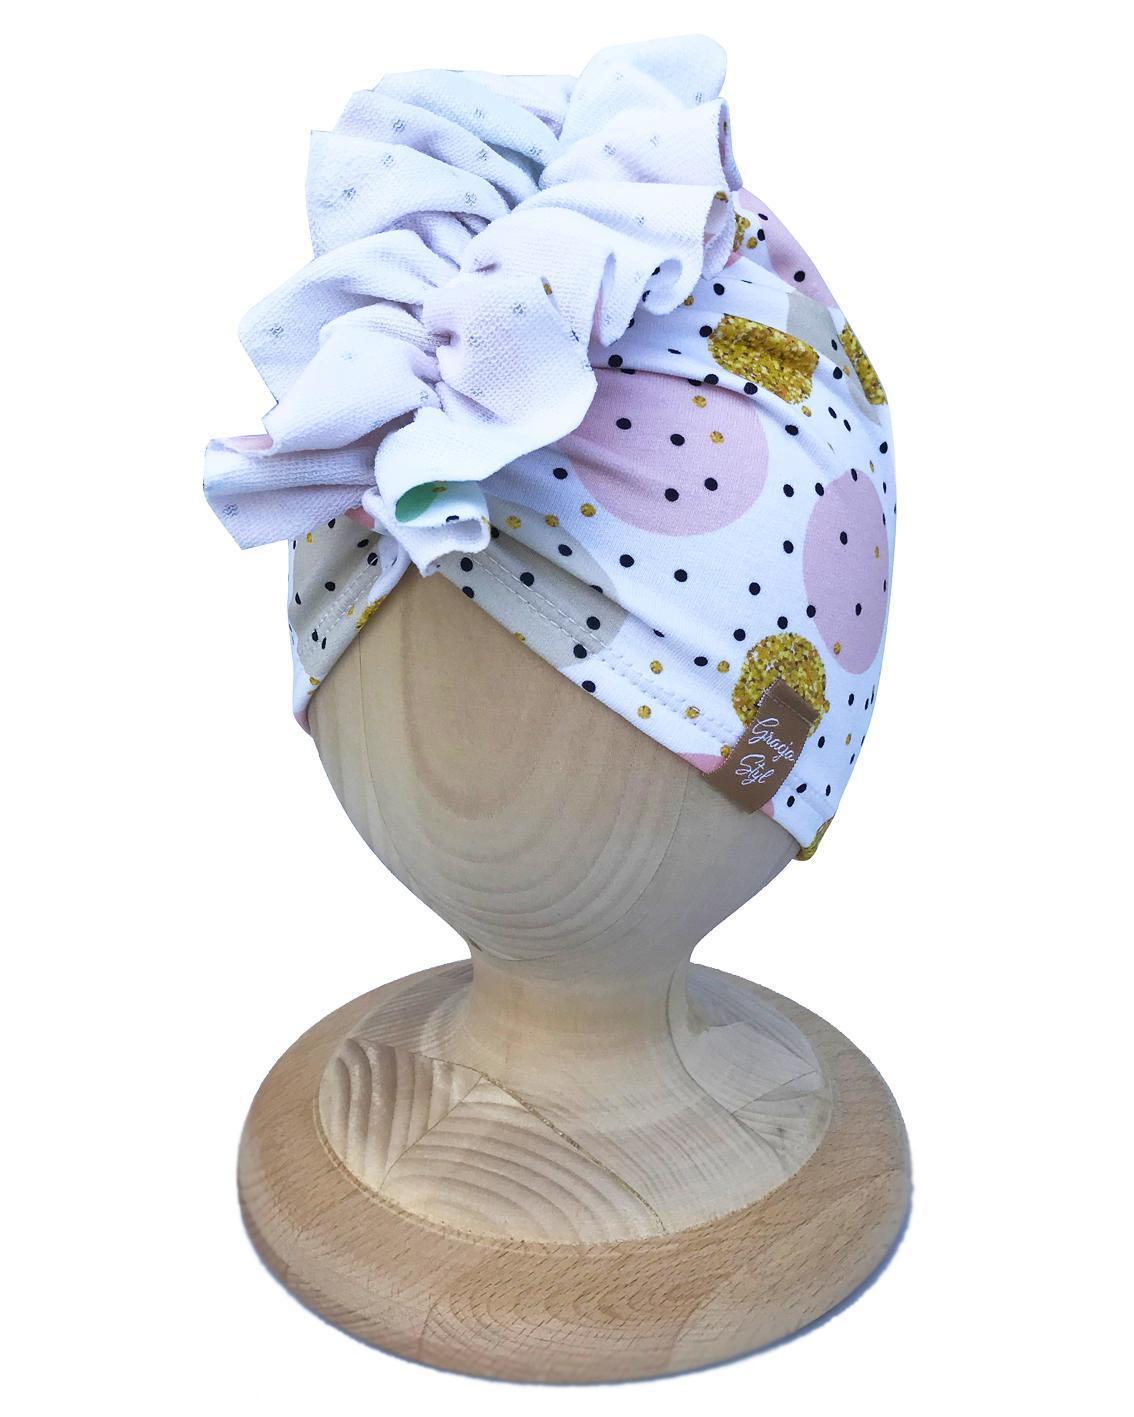 Czapka Turban piękna ozdoba główki dla malucha jak i zarówno dla starszych dziewczynek. Wykonany z elastycznej dresówki idealne zarówno na upały oraz zimniejsze dni. Super zamiennik dla czapek chust, kapeluszy. Dzięki zastosowaniu wysokiej jakości dresówki oraz domieszce elastanu dzianina dobrze się układa, zapobiega przesunięciu się a co za tym idzie w trakcie użytkowania nie zsuwa się z USZÓW. Absolutny must have sezonu.